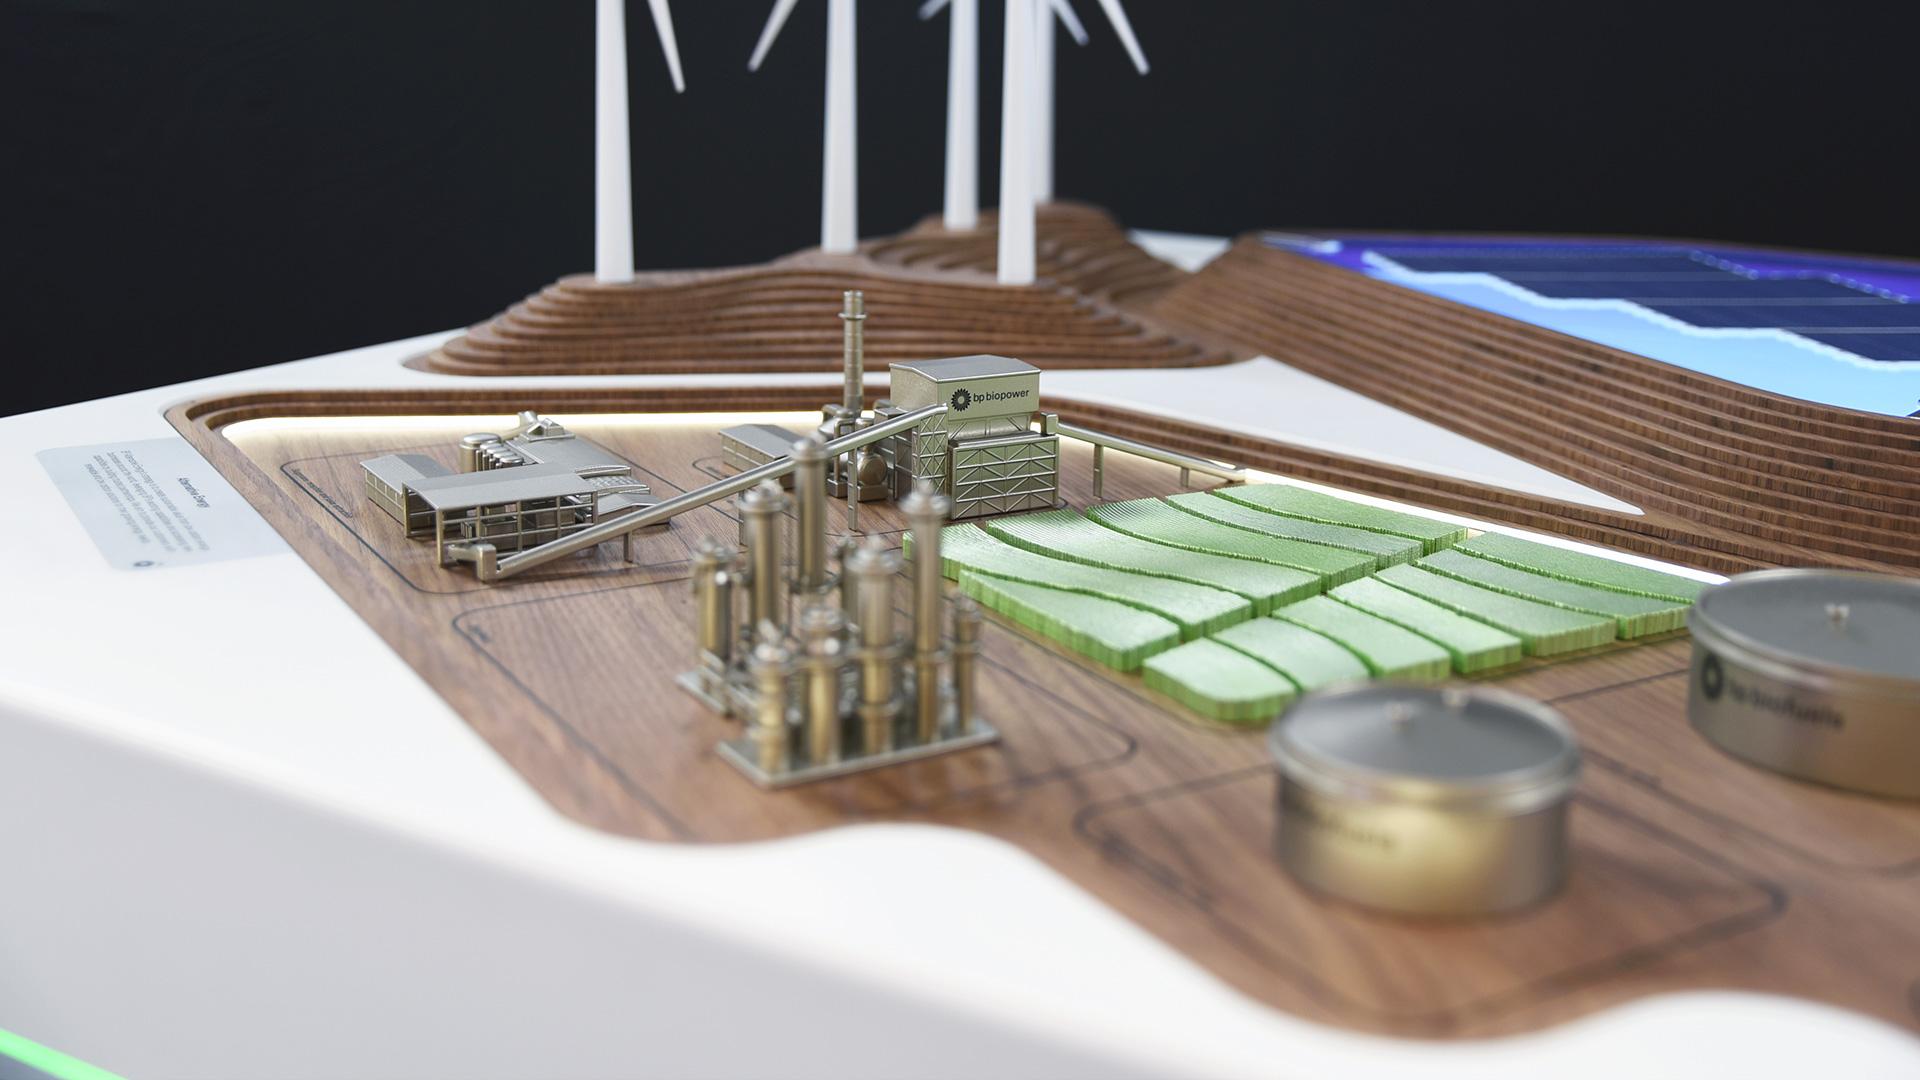 BP-alternative-energy-architectural-model.jpg